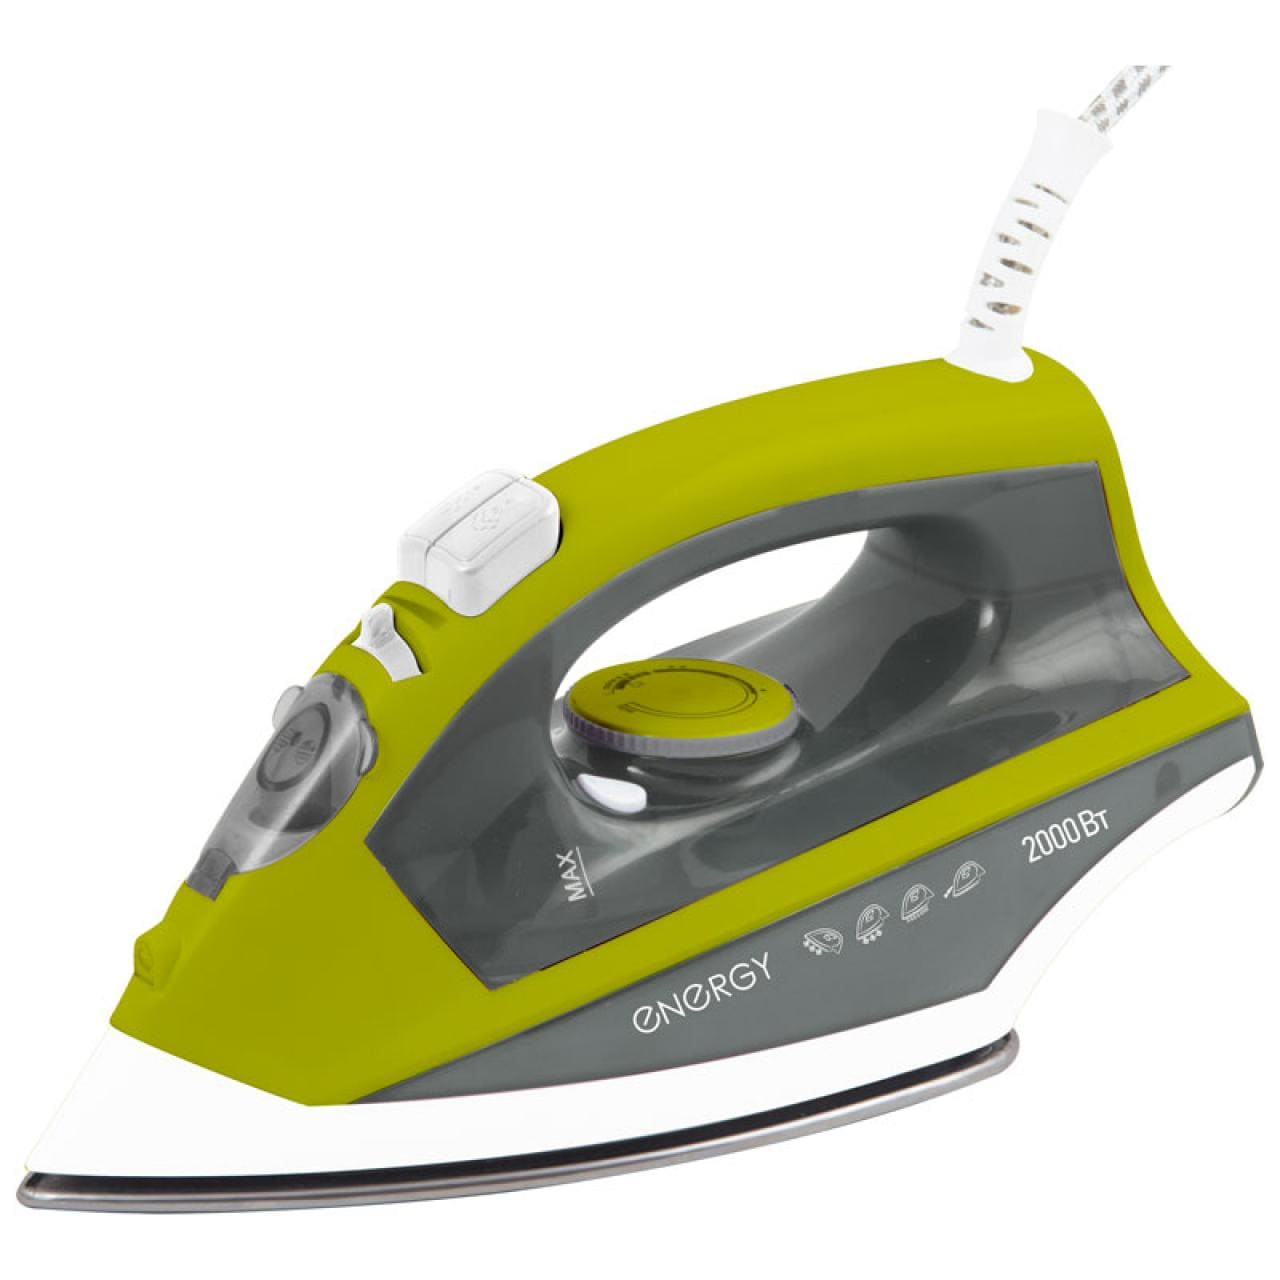 Утюг ENERGY EN-328 зеленый